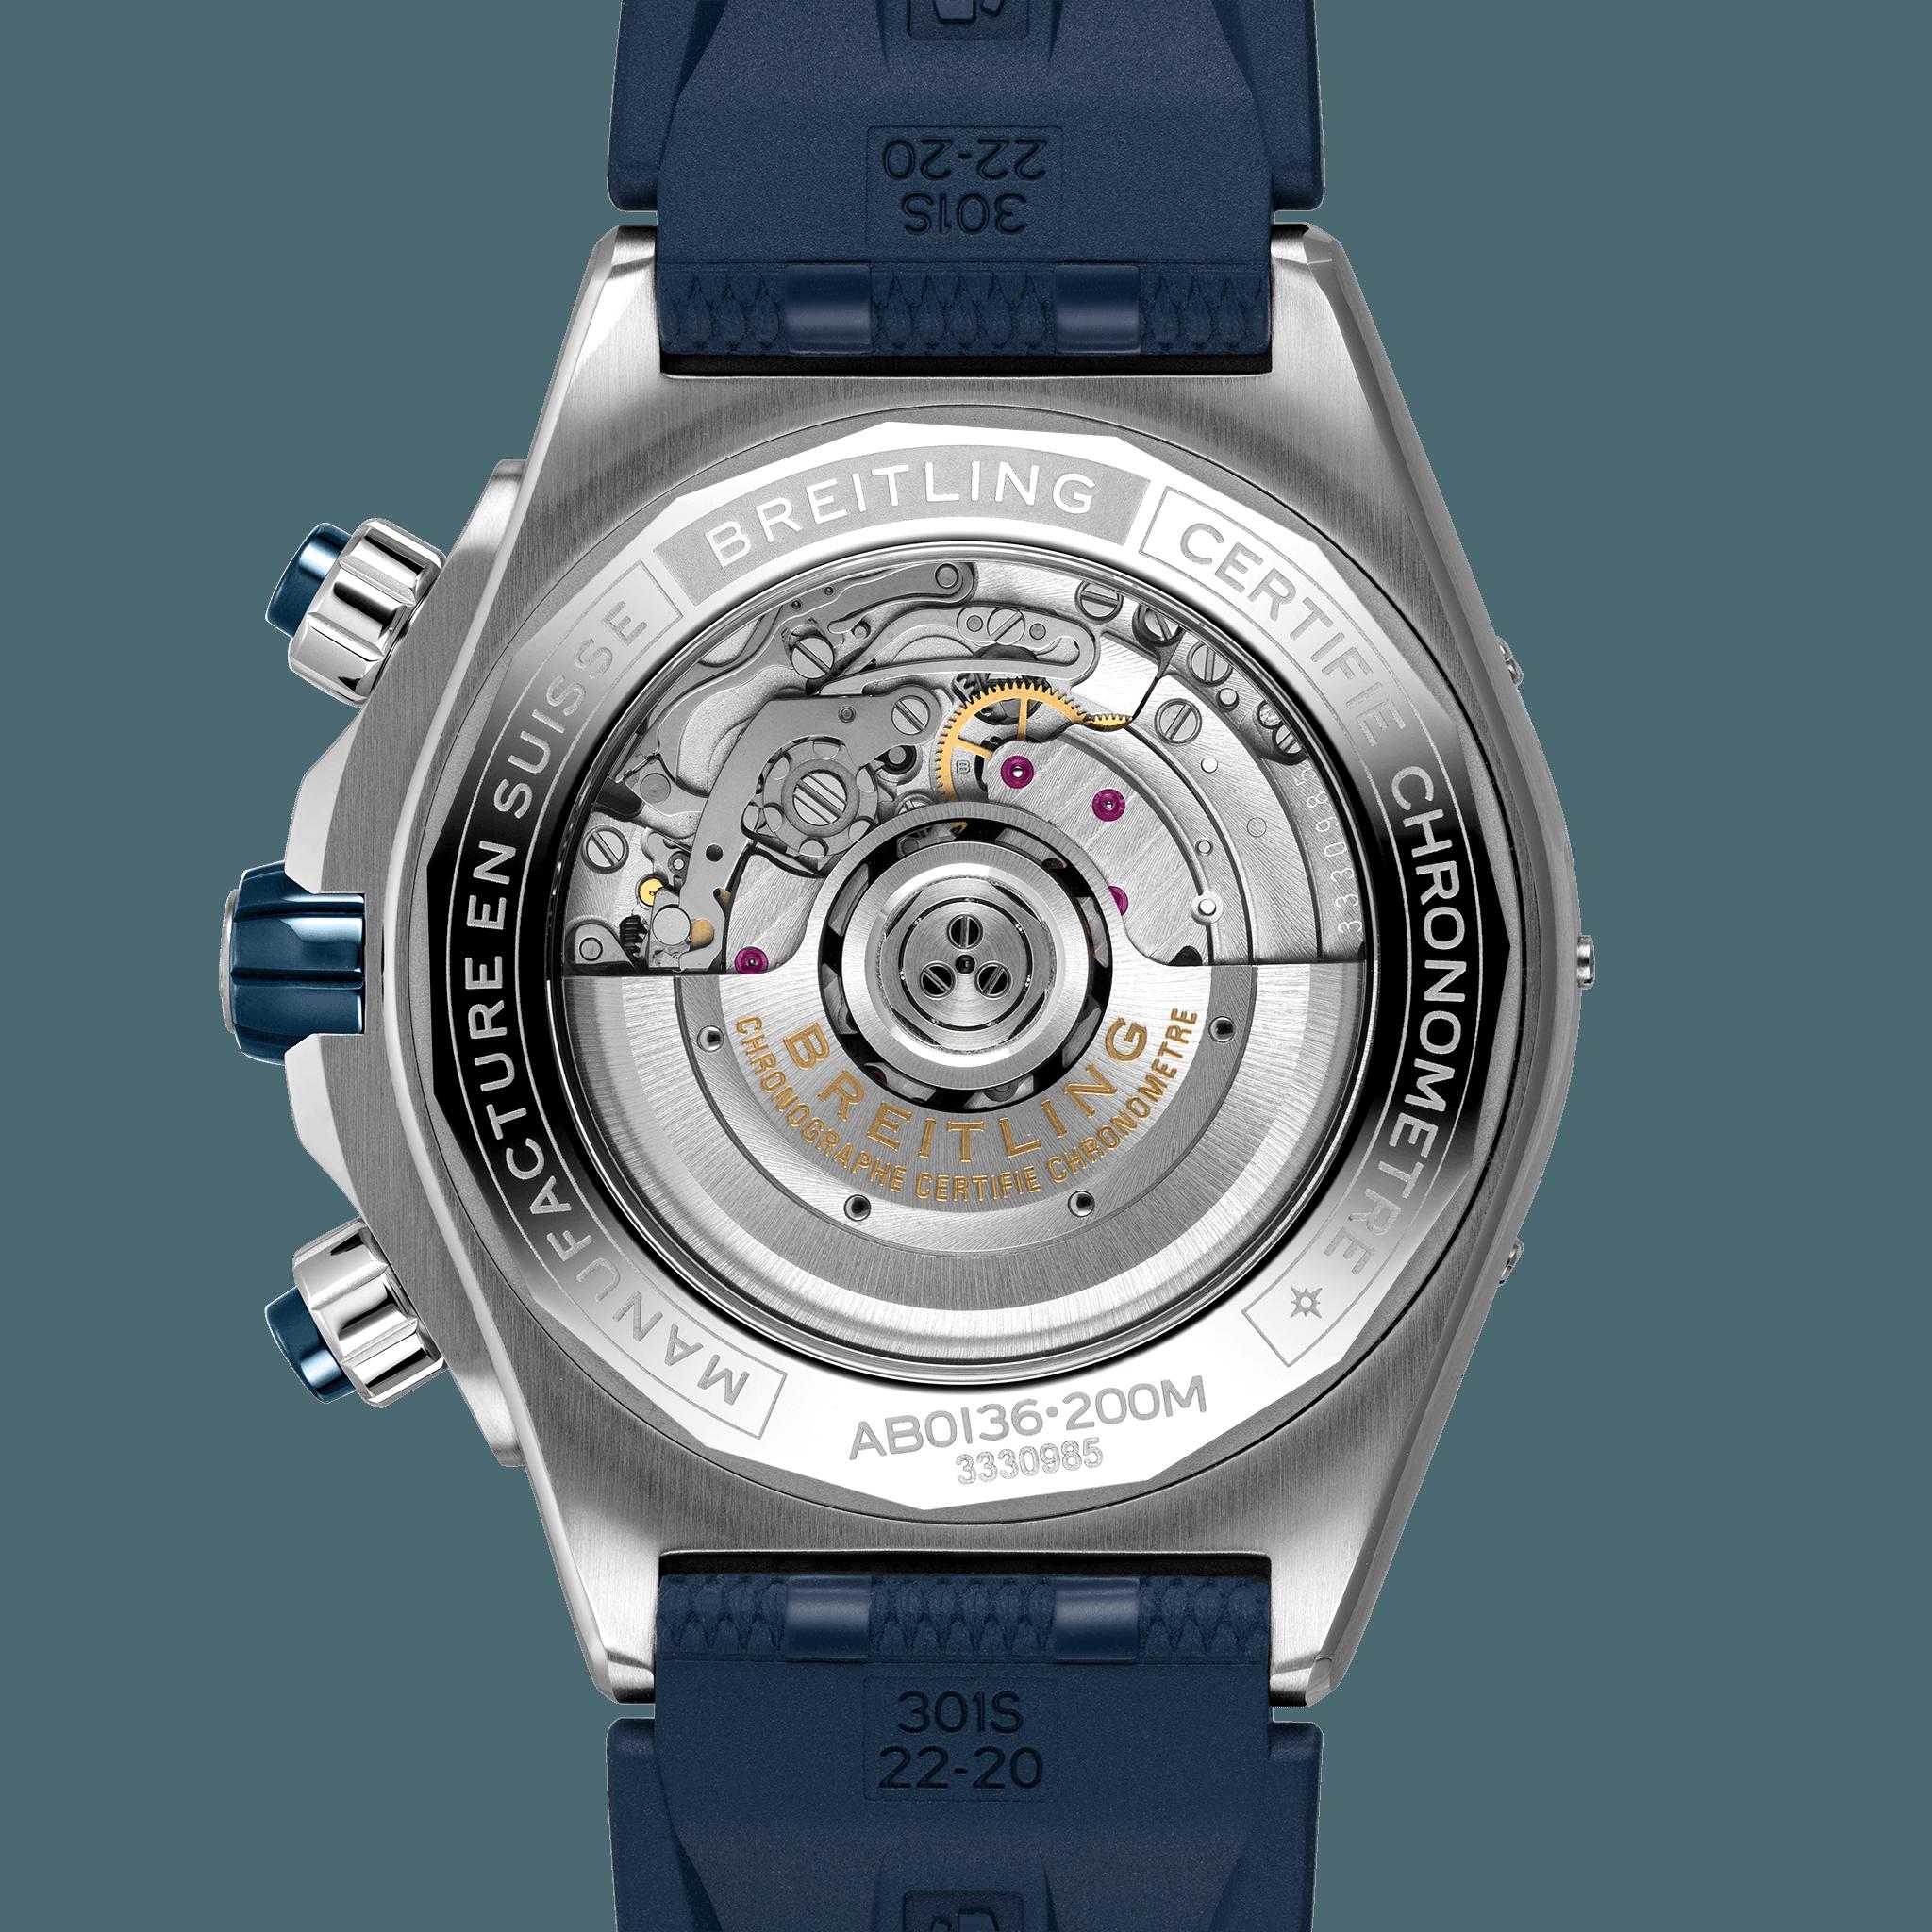 AB0136161C1S1 Breitling Super Chronomat B01 44